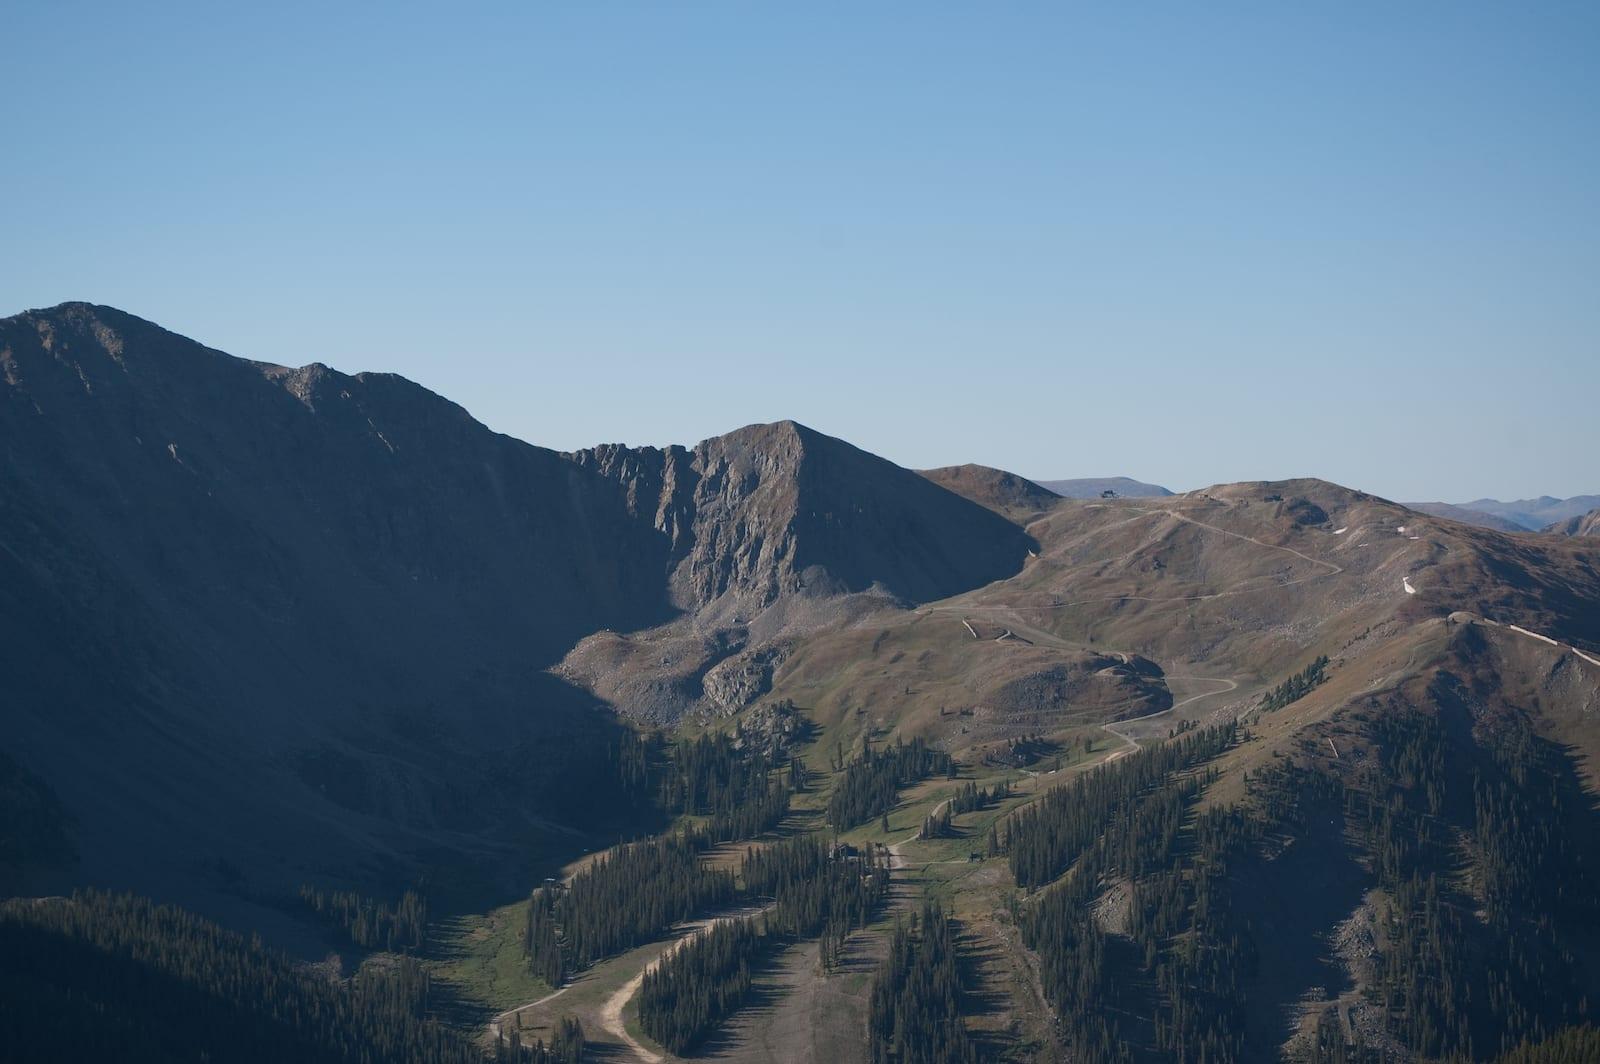 Grizzly Peak, Colorado